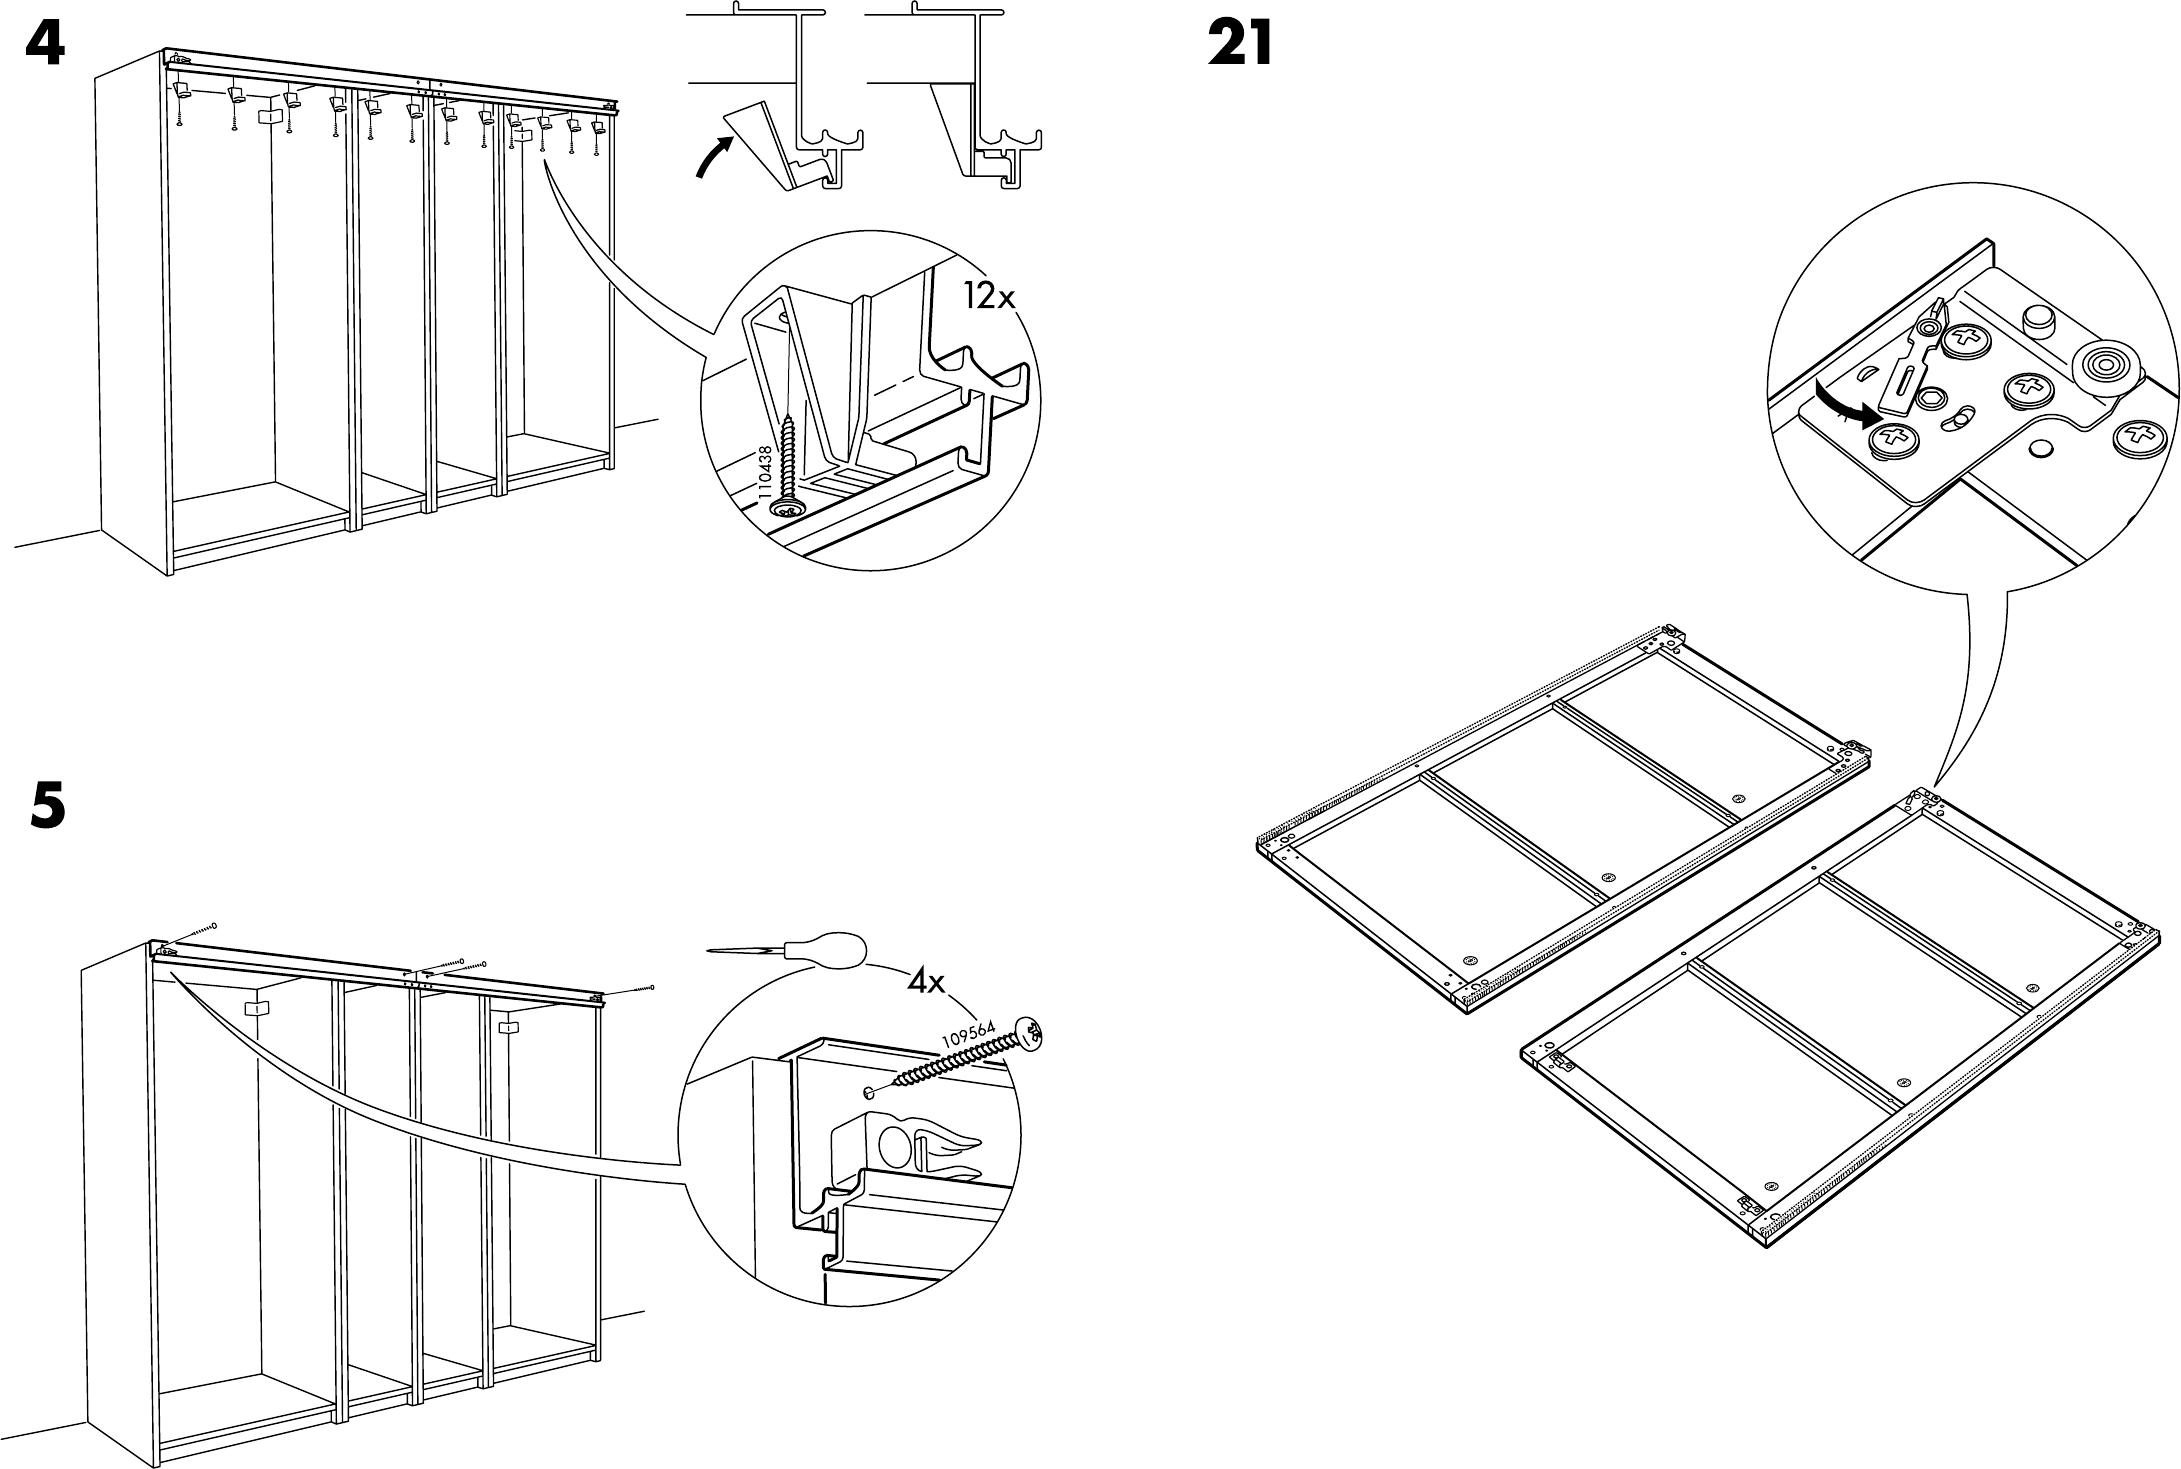 Pax Handleiding Schuifdeuren.Handleiding Ikea Pax Stordal Schuifdeuren Pagina 12 Van 12